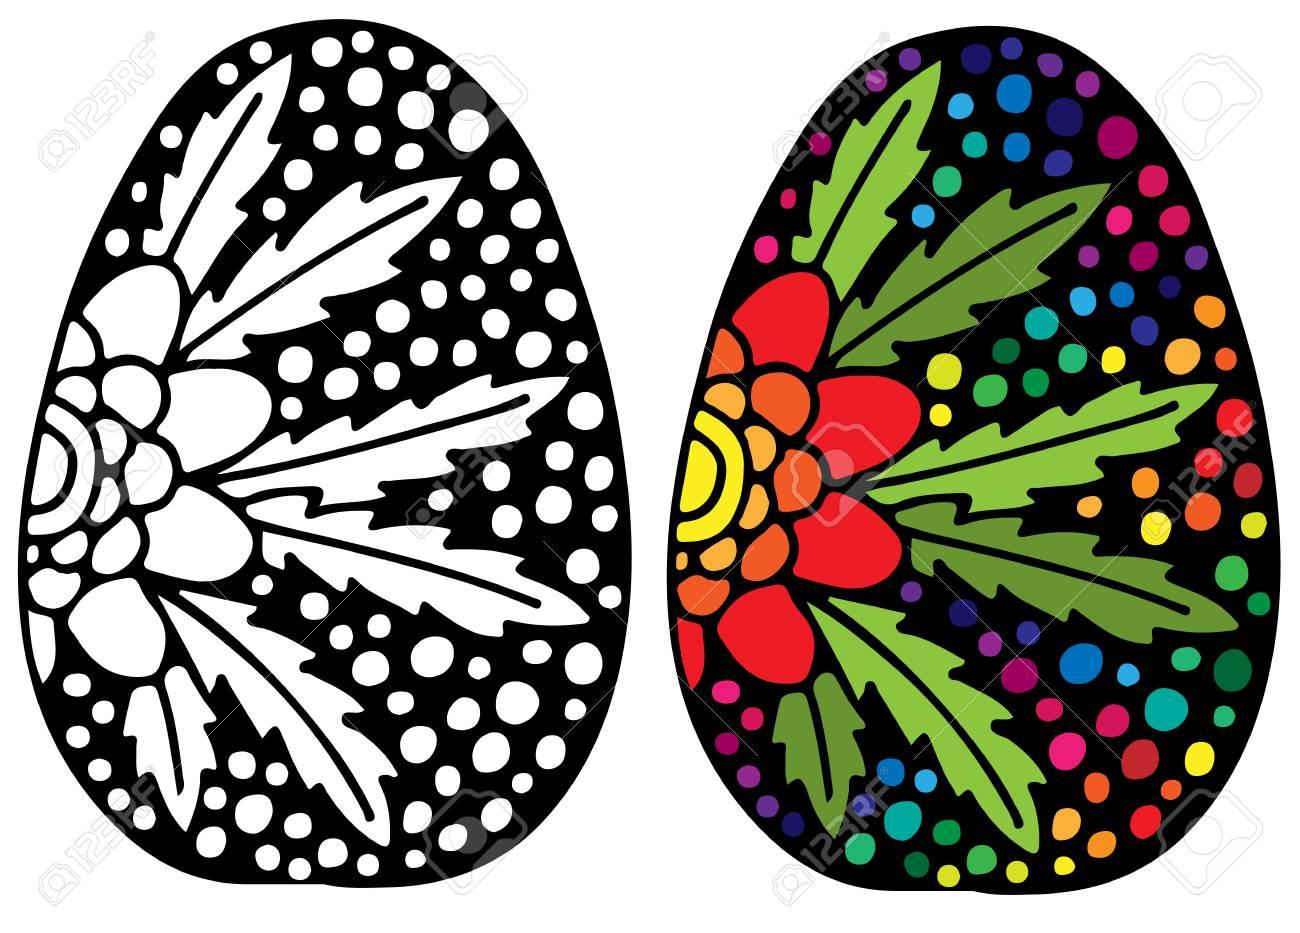 Coloriage Fleur Doranger.Oeuf De Paques Dessines A La Main Avec Fleur D Oranger Pour